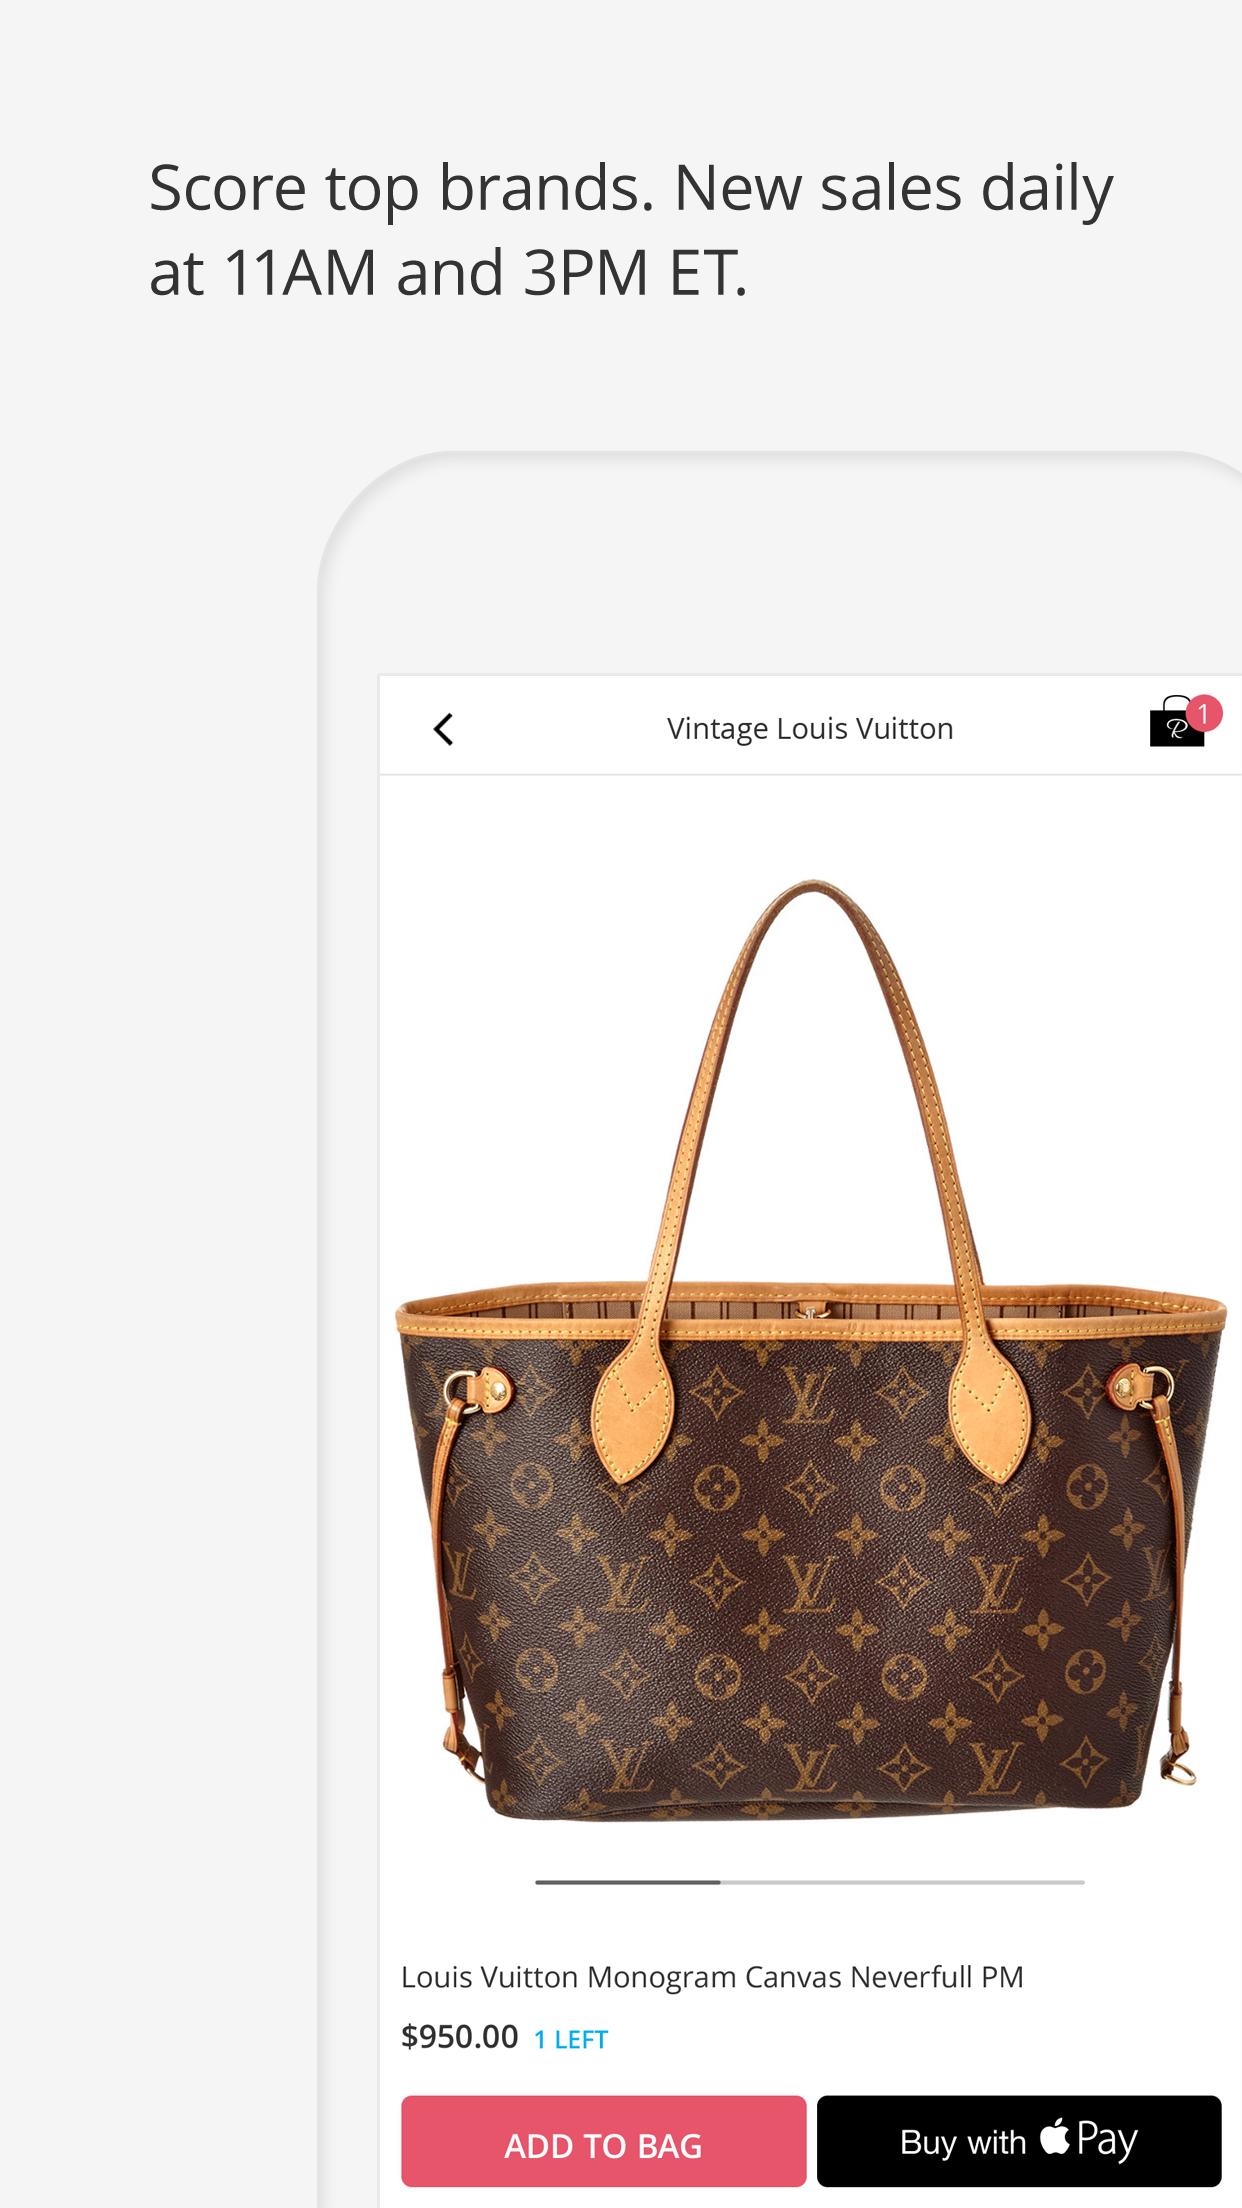 Rue La La: Luxe Fashion Brands Screenshot